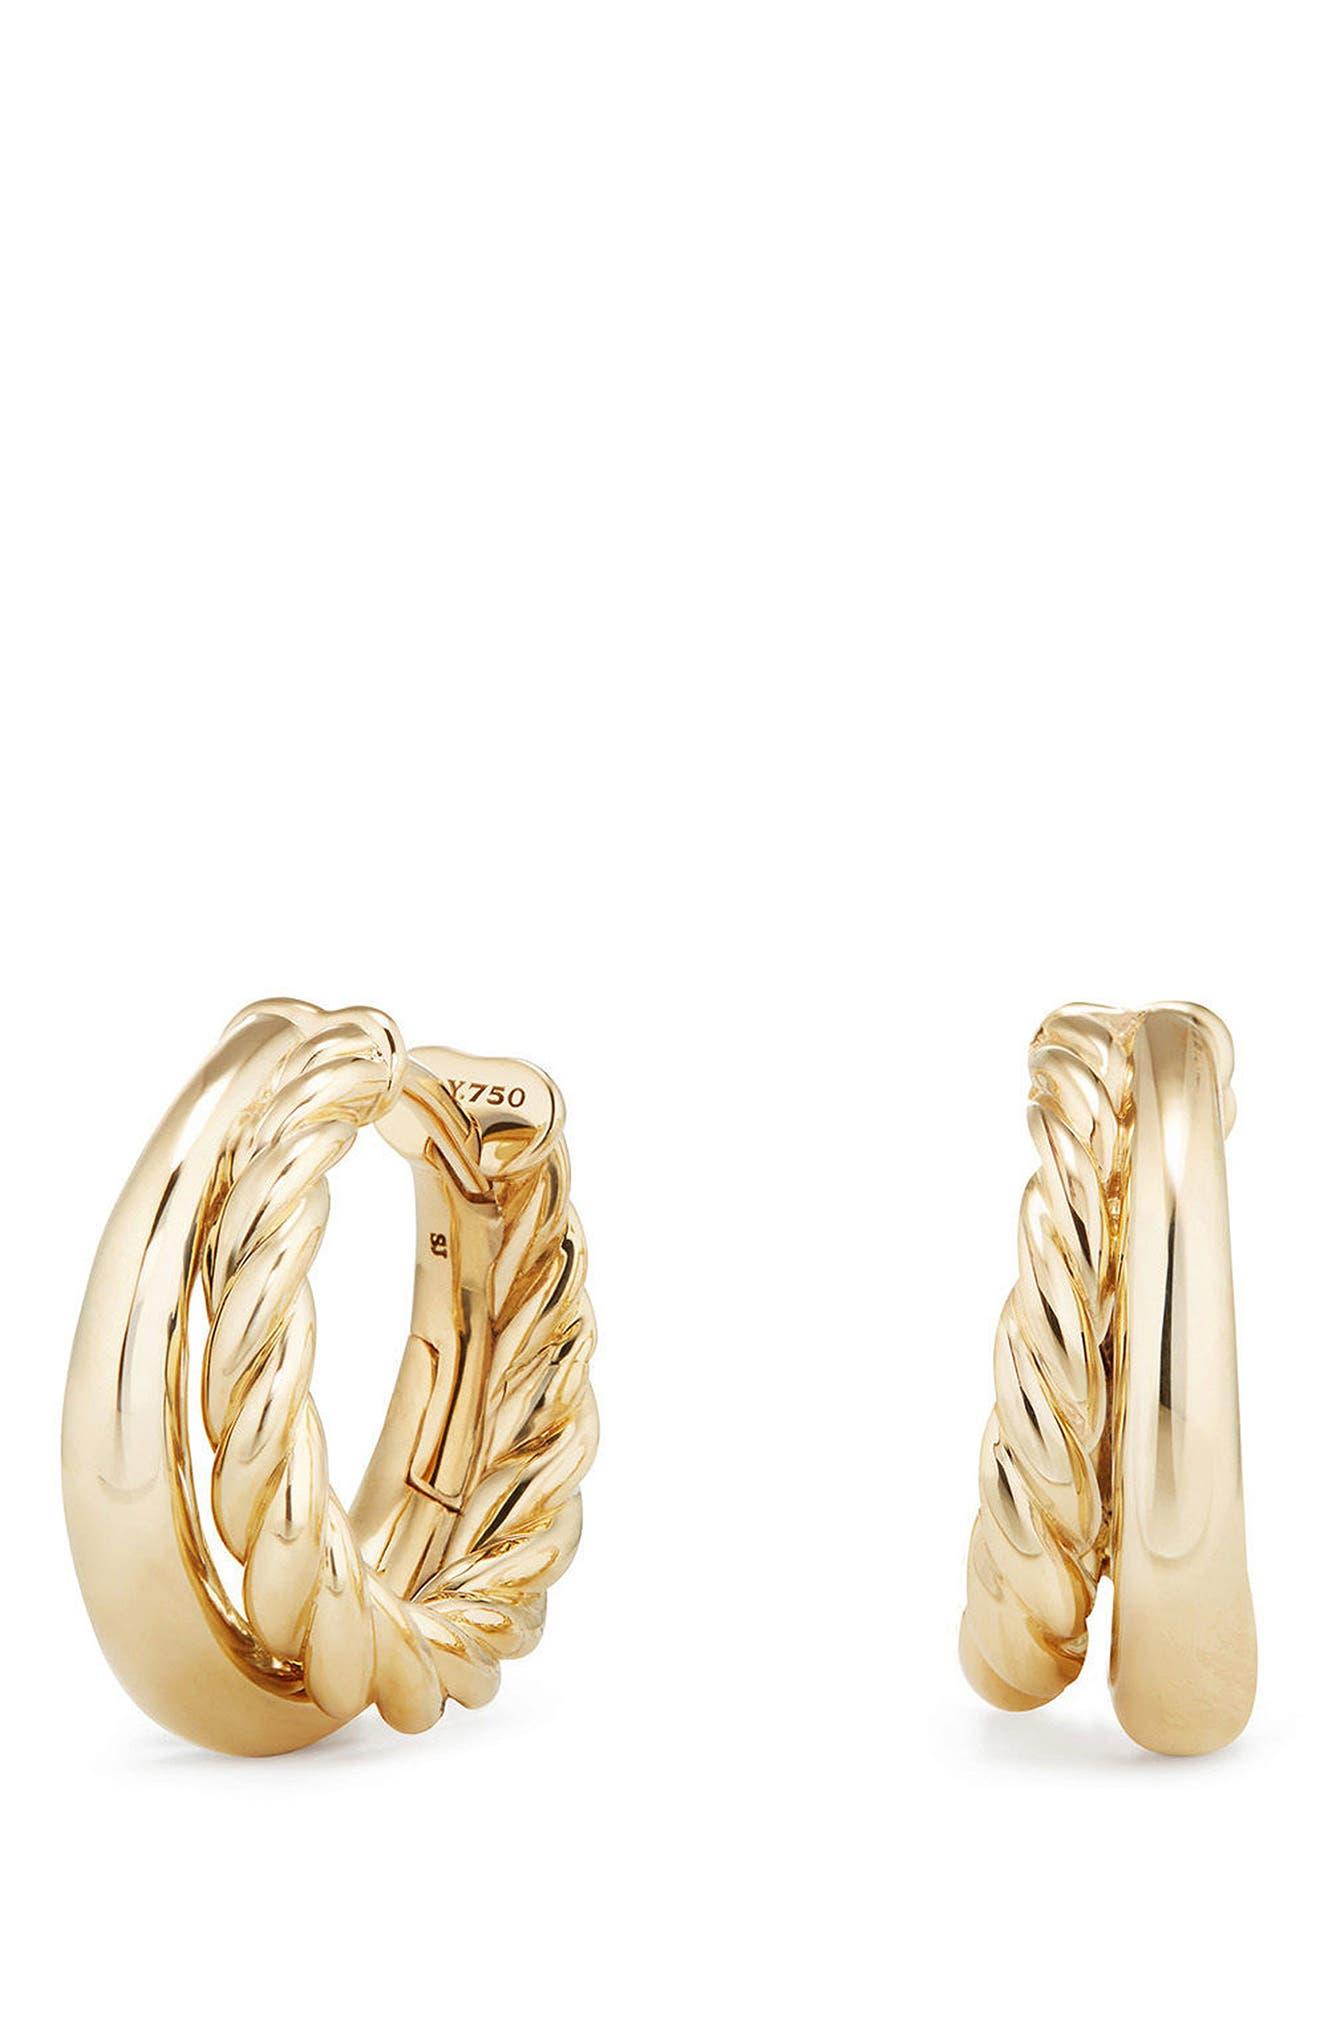 David Yurman Pure Form Hoop Earrings in 18K Gold, 12mm